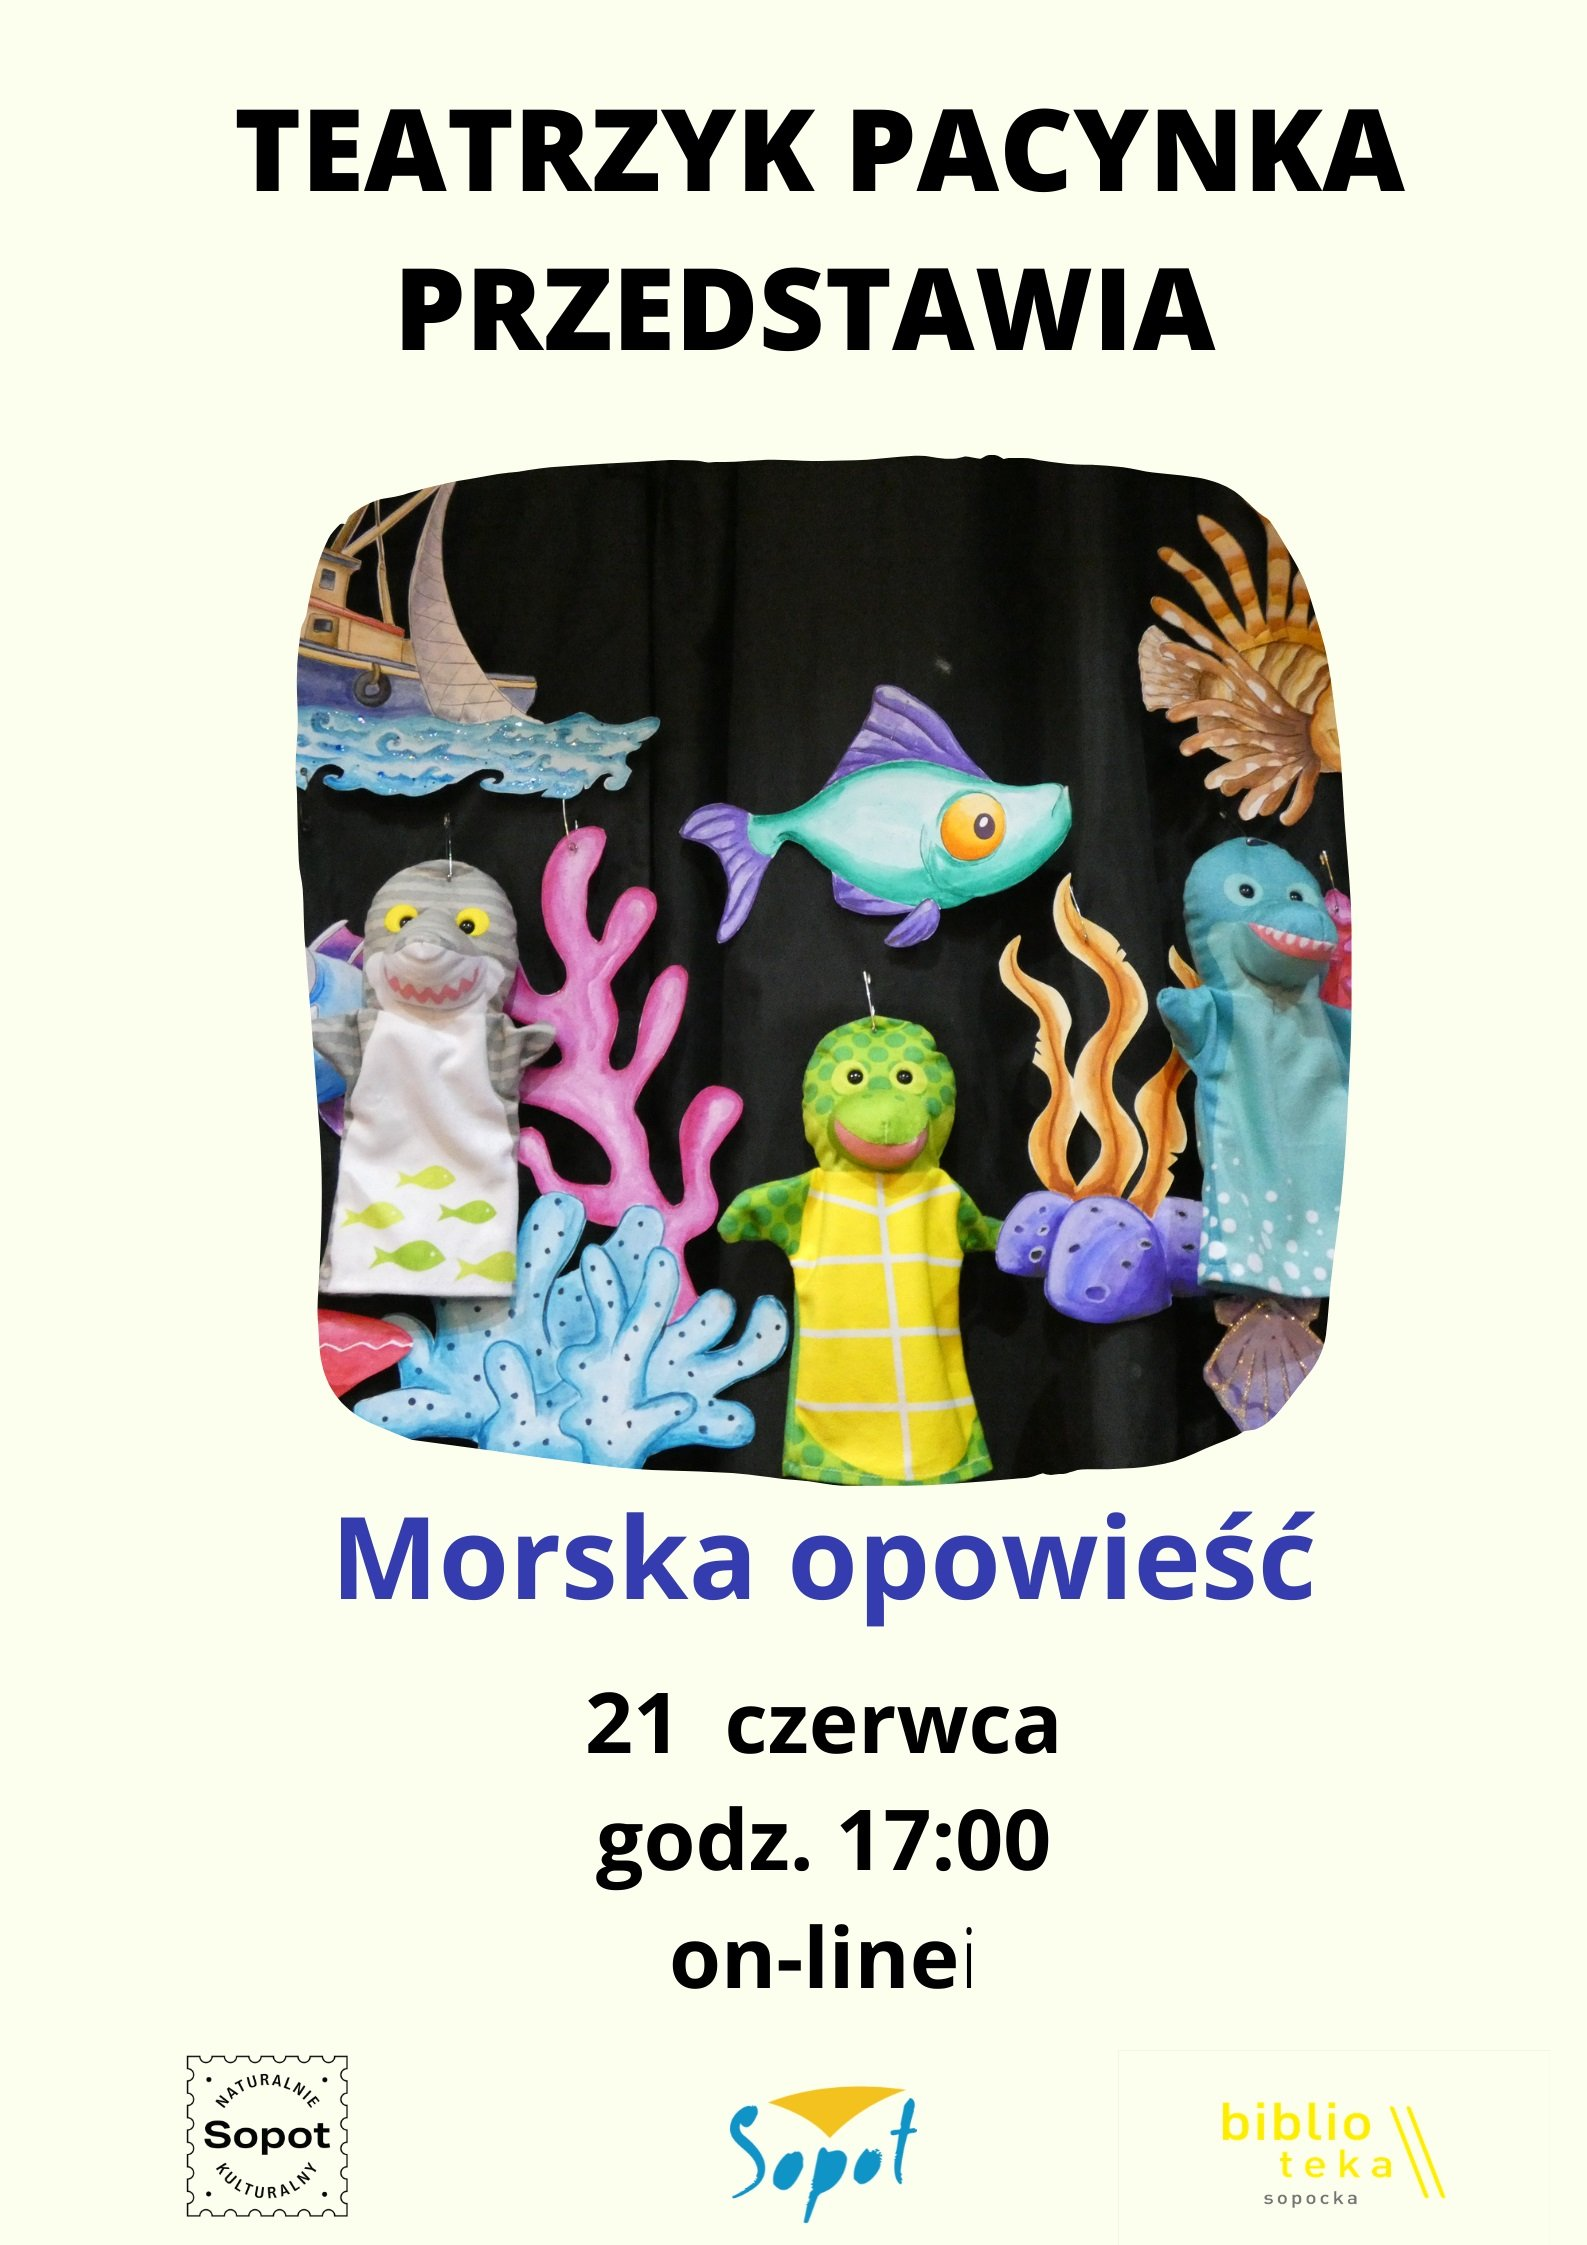 Premiera spektaklu Teatrzyku Pacynka online: Morska opowieść